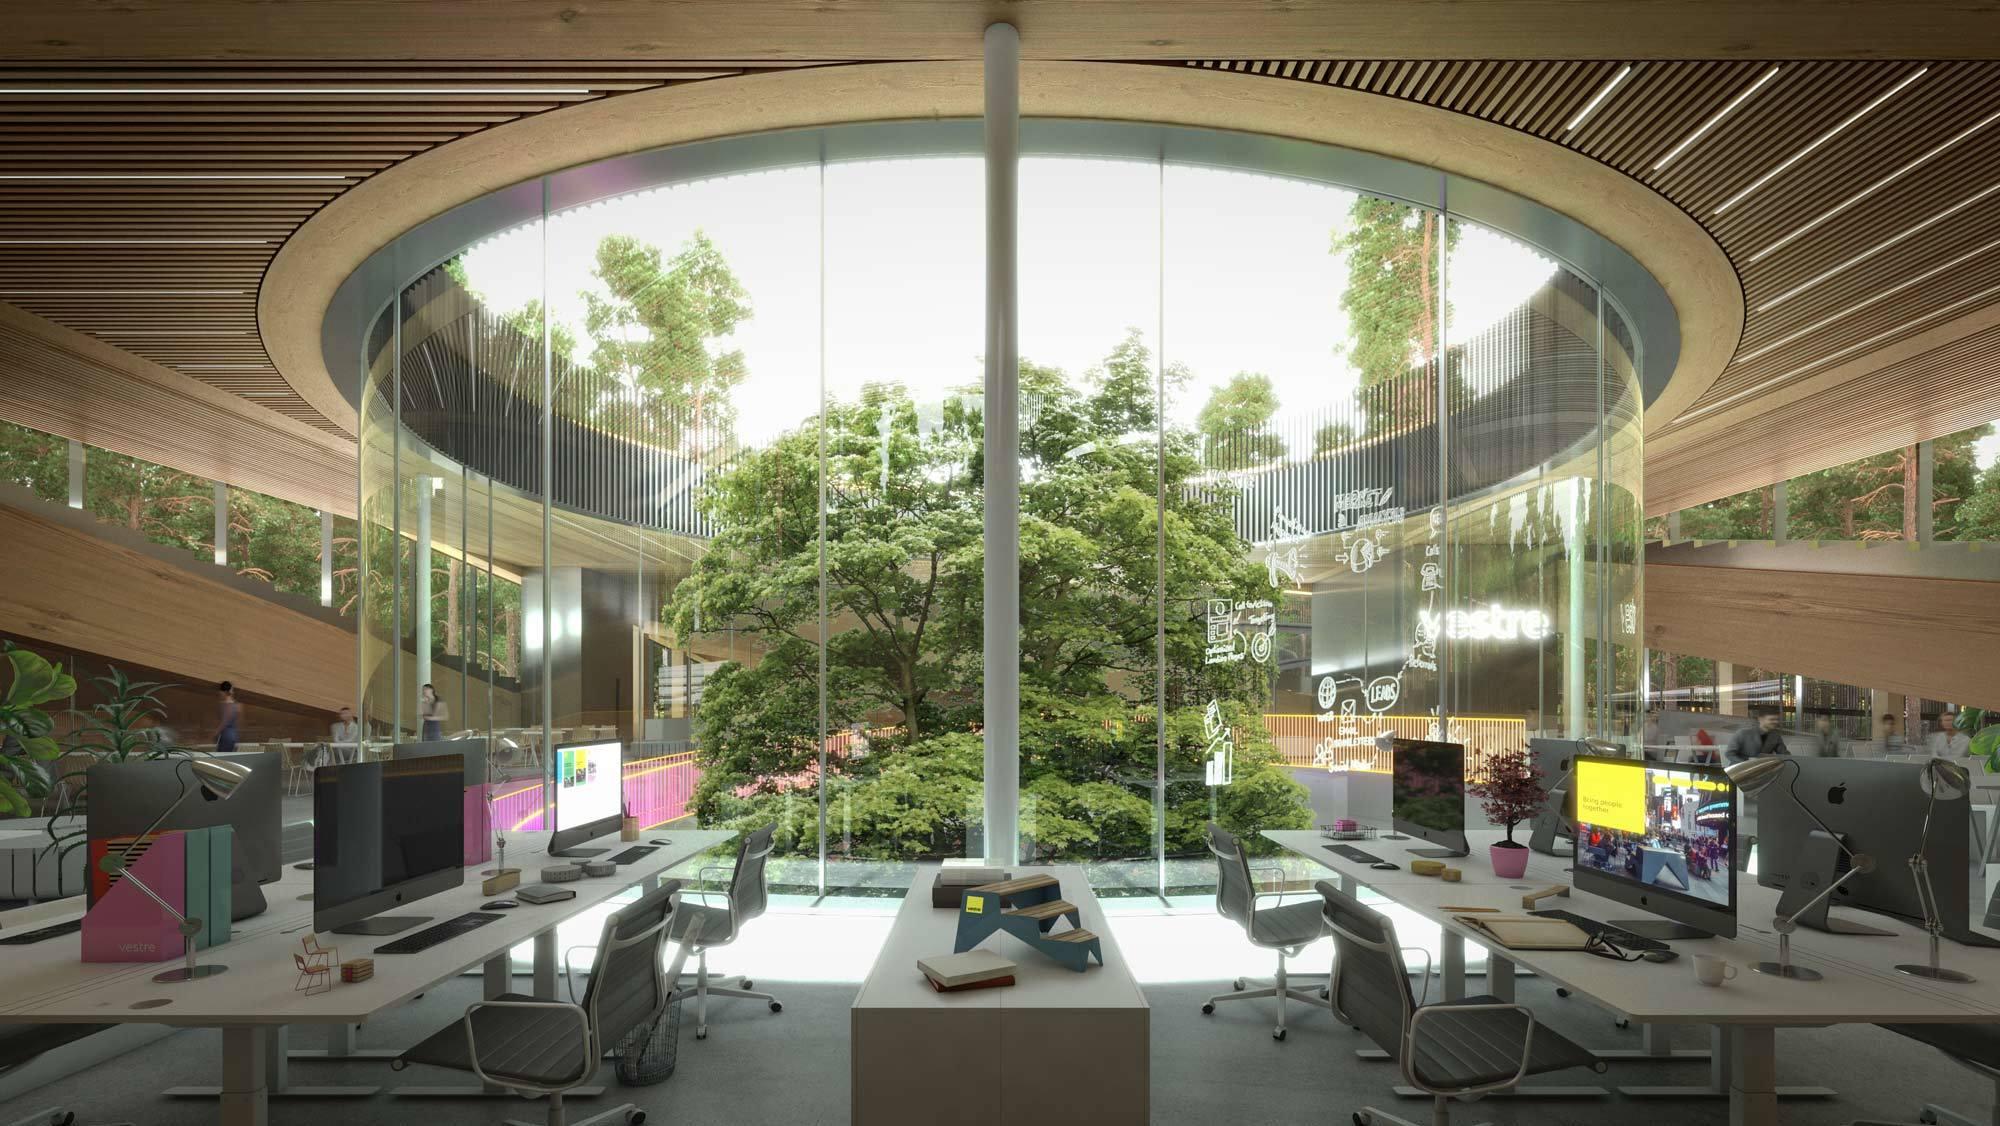 The Plus, die Produktionsstätte des norwegischen Herstellers Vestre soll die umweltfreundlichste Möbelfabrik der Welt werden. Darstellung: Vestre/BIG